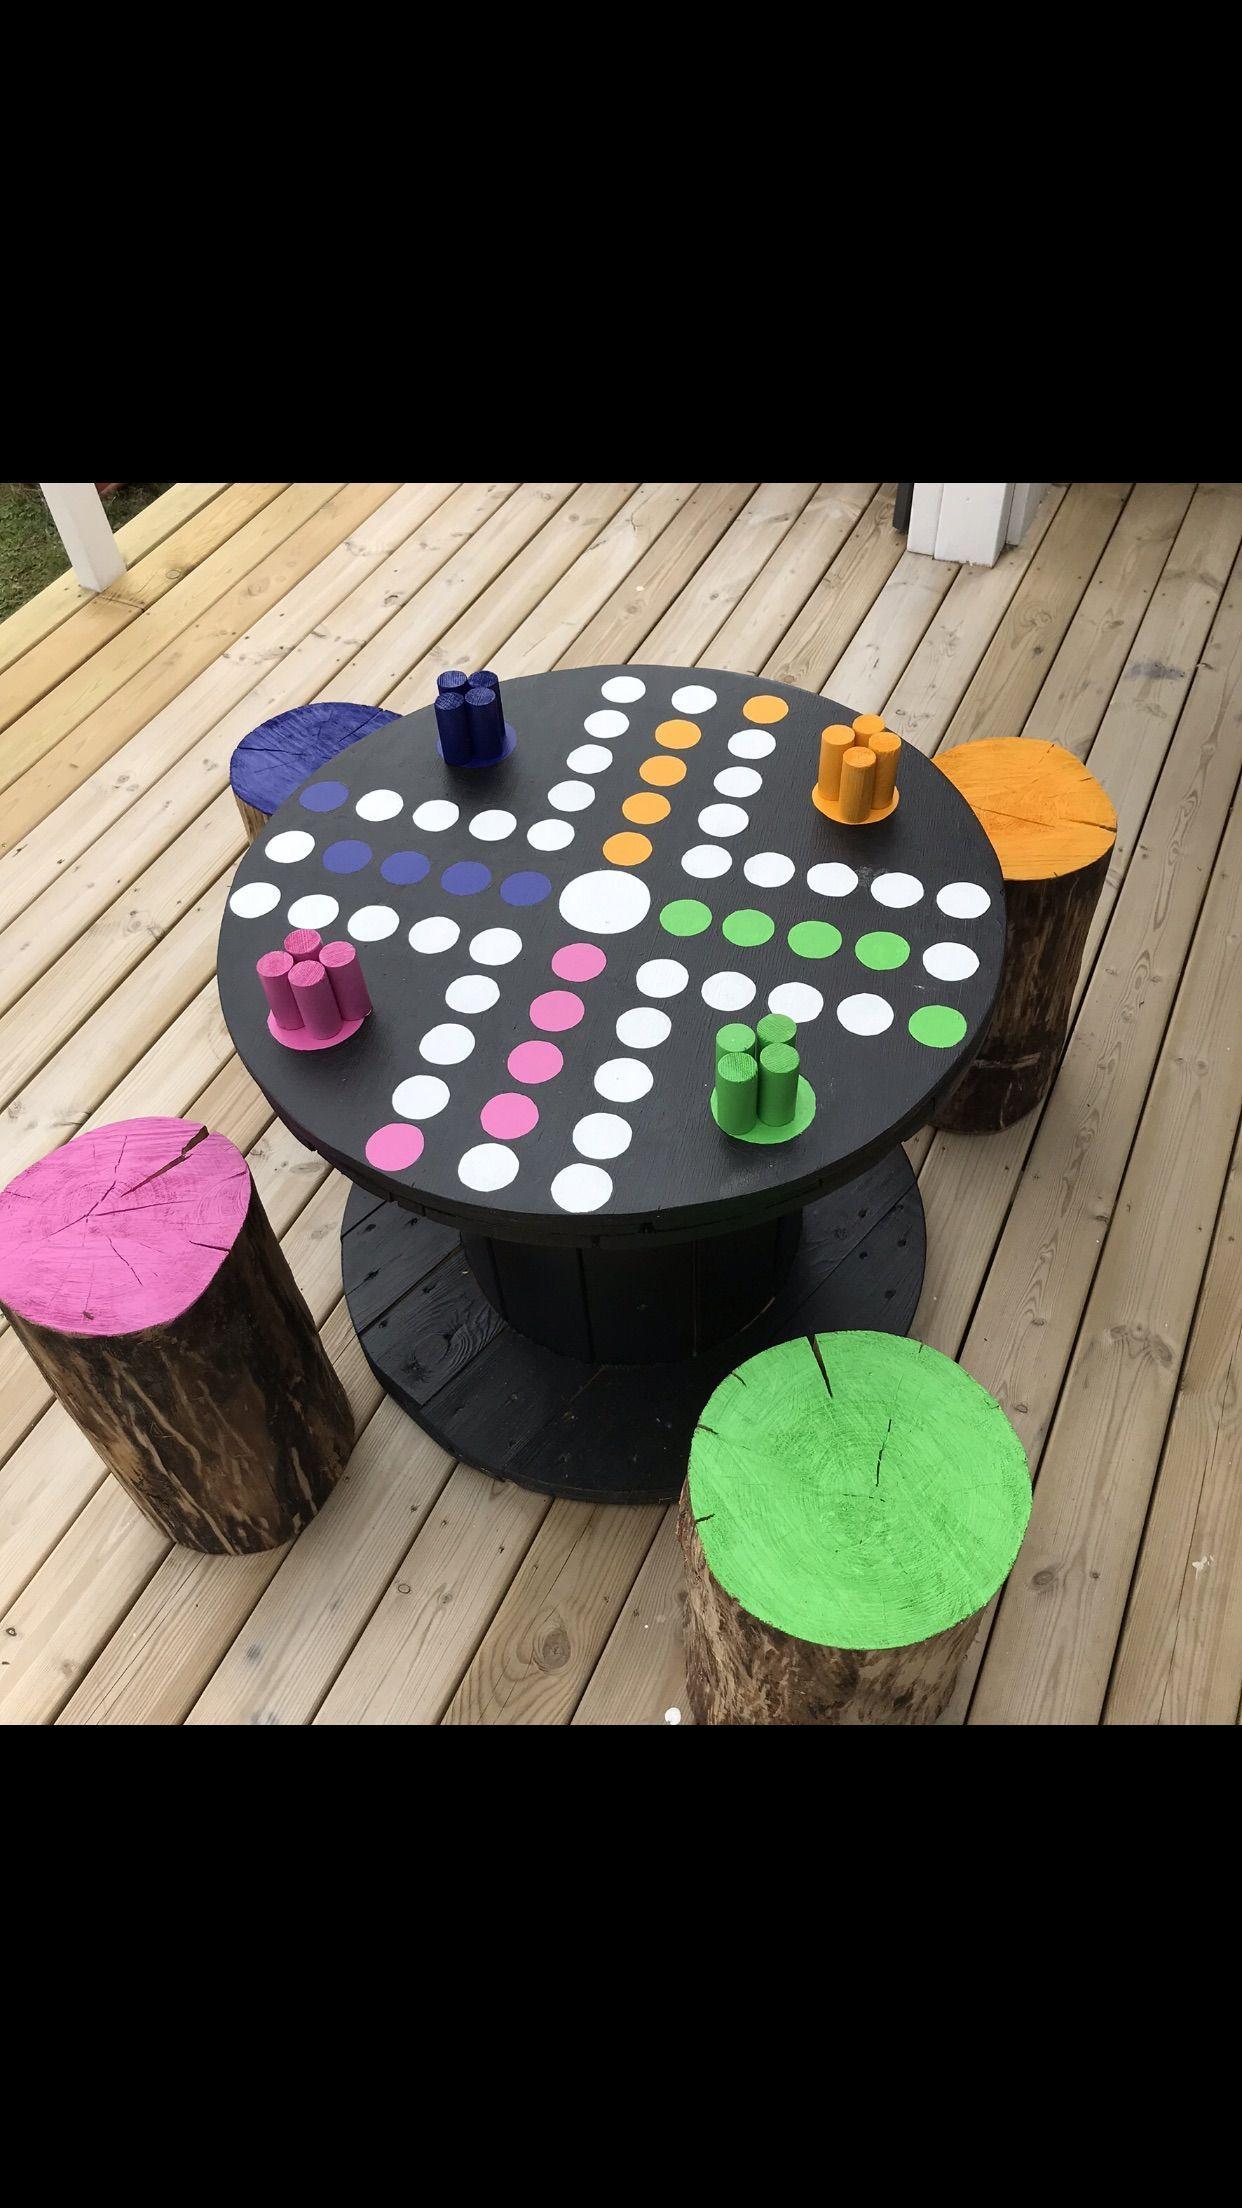 Pin Von Vildan Gega Auf Toy Collecting Spiele Selber Basteln Kinder Basteln Einfach Kinder Spielplatz Garten